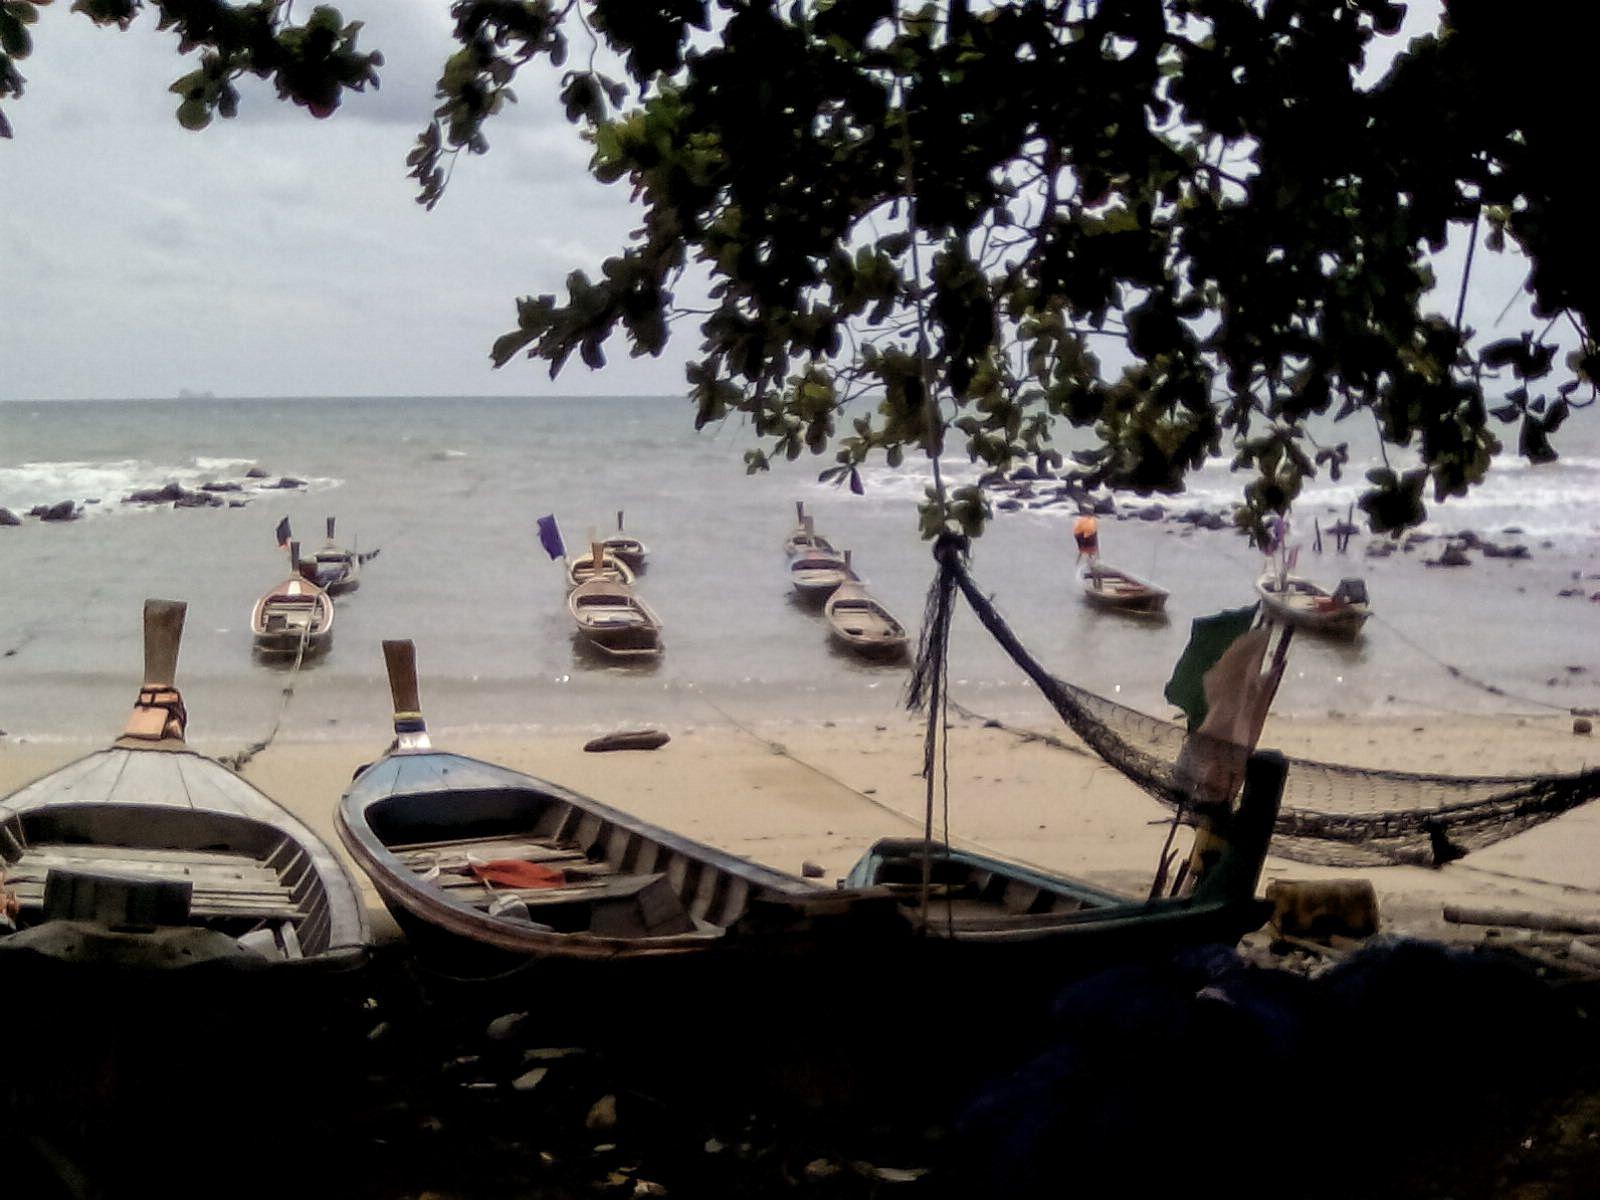 Un air de paradis koh lanta cocon de d coration le blog for Decoration koh lanta